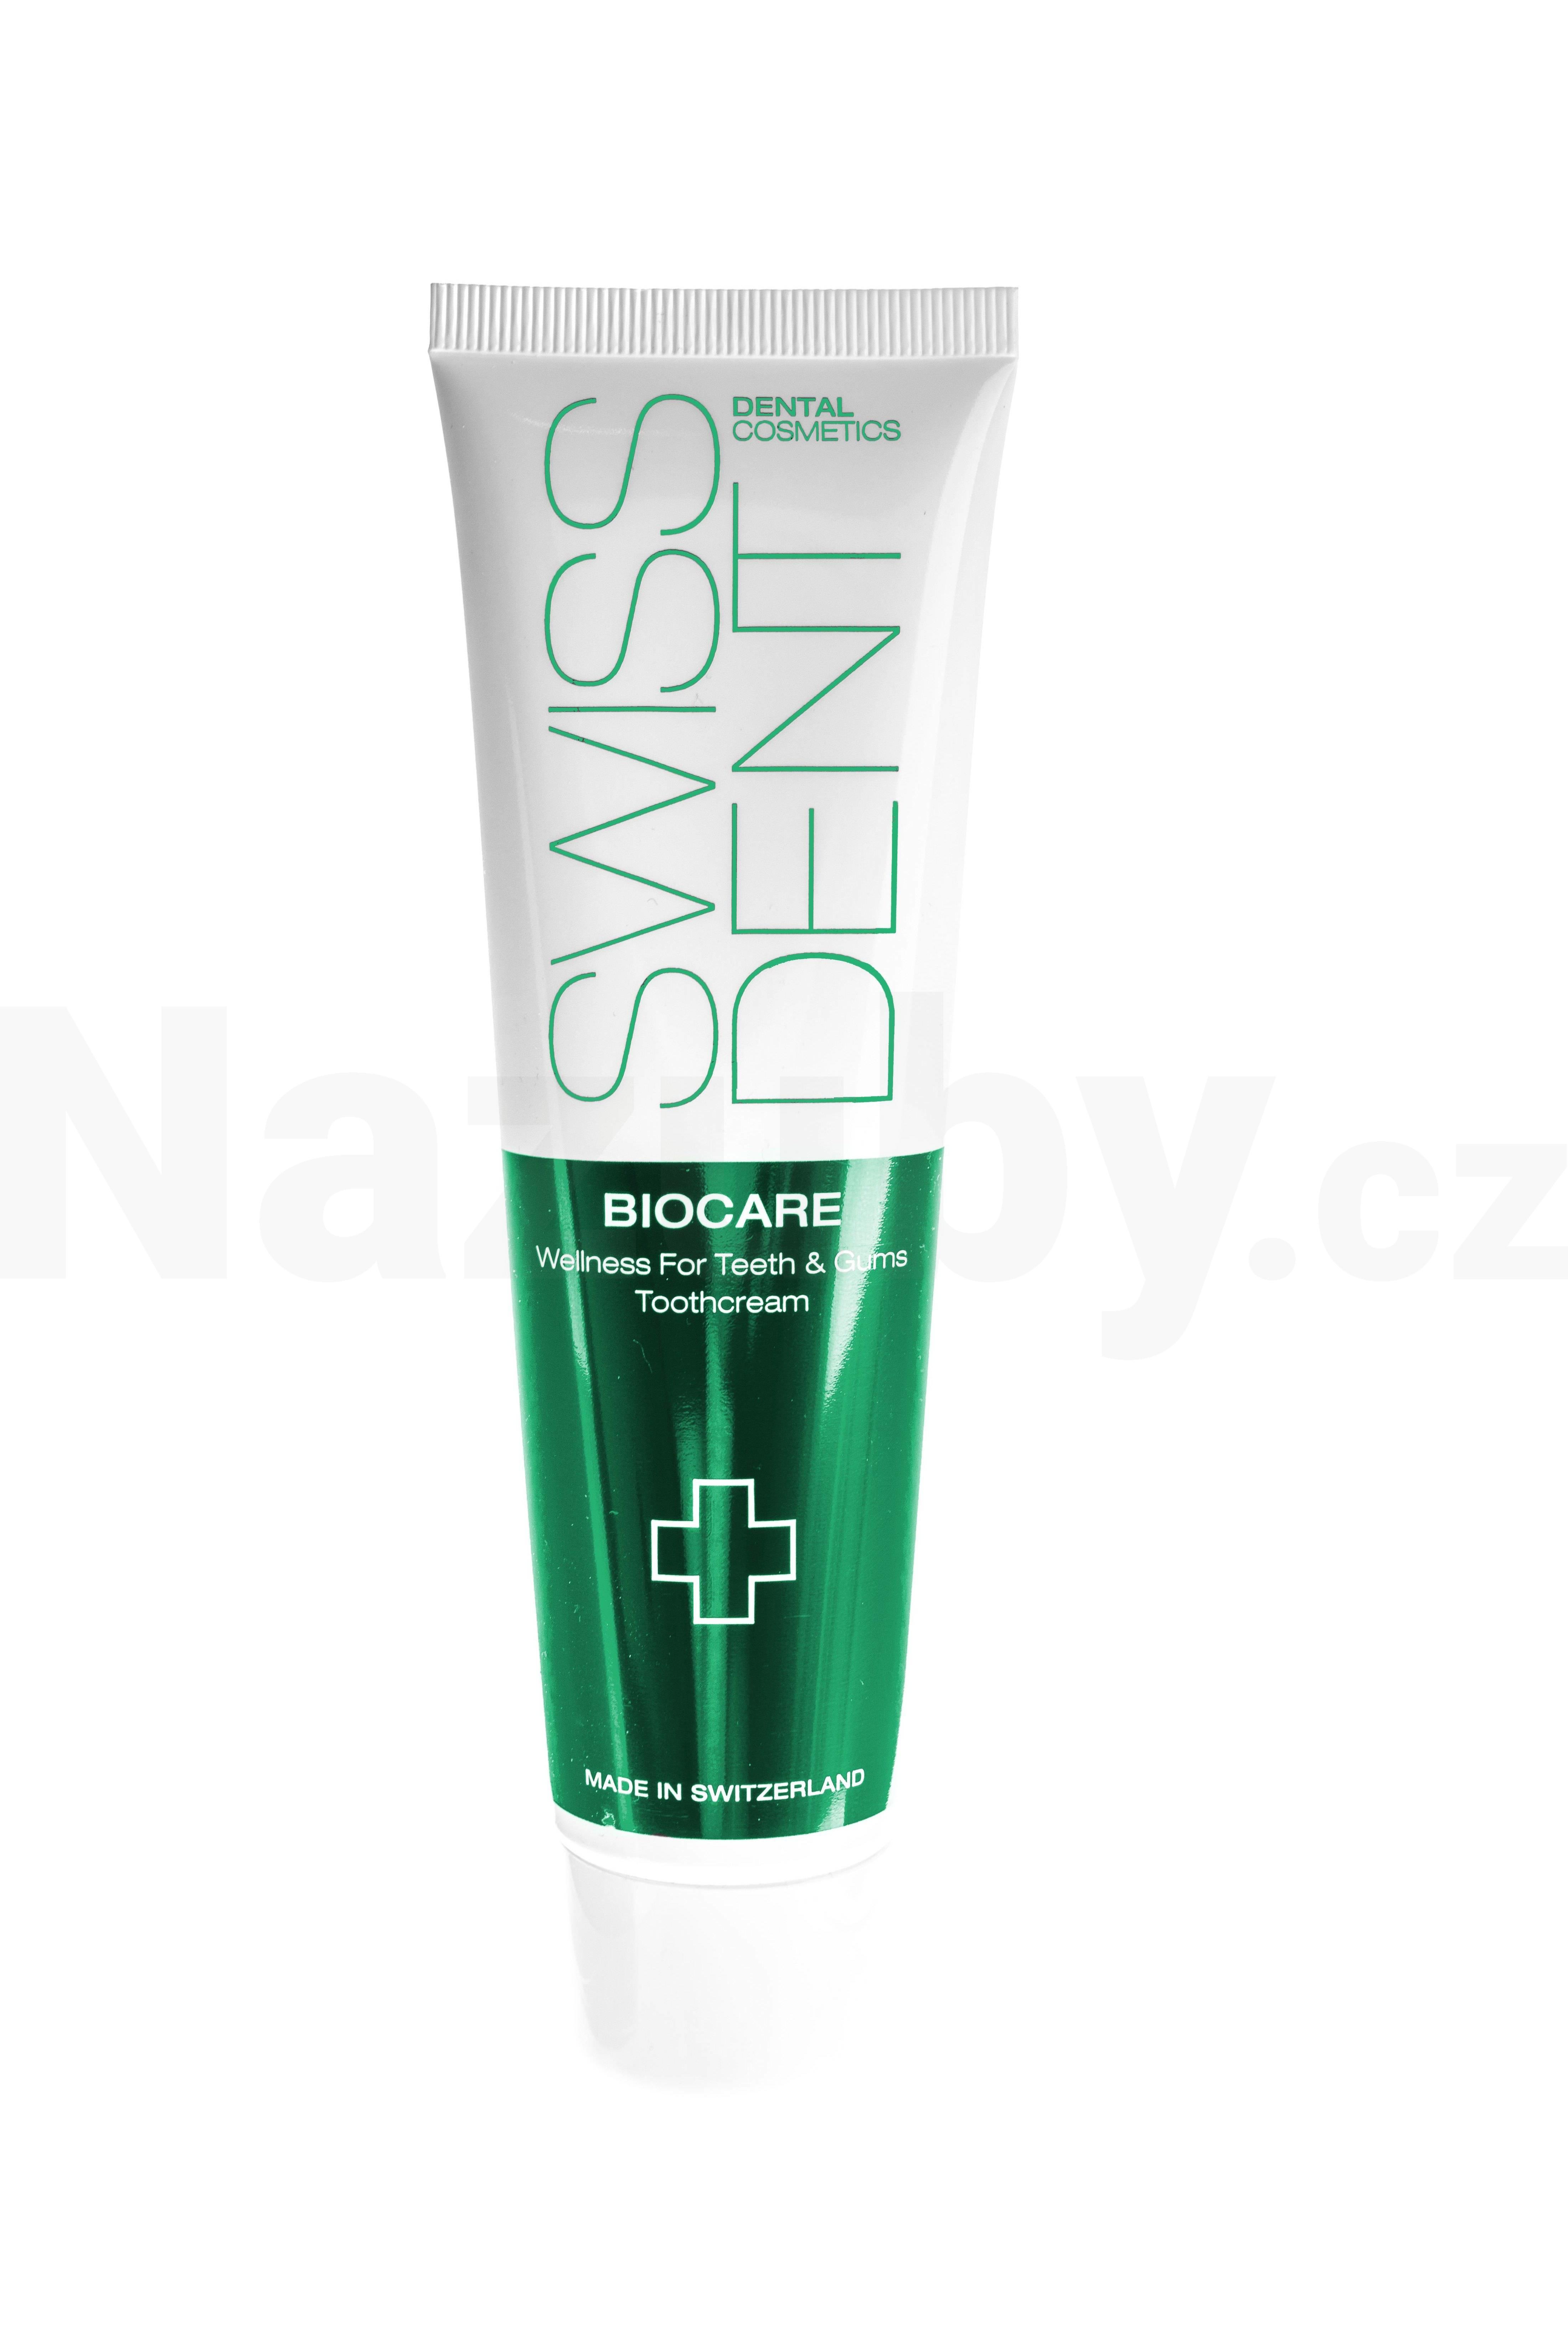 Swissdent Regenerační a zesvětlující zubní pasta Biocare Whitening Toothpaste 100 ml